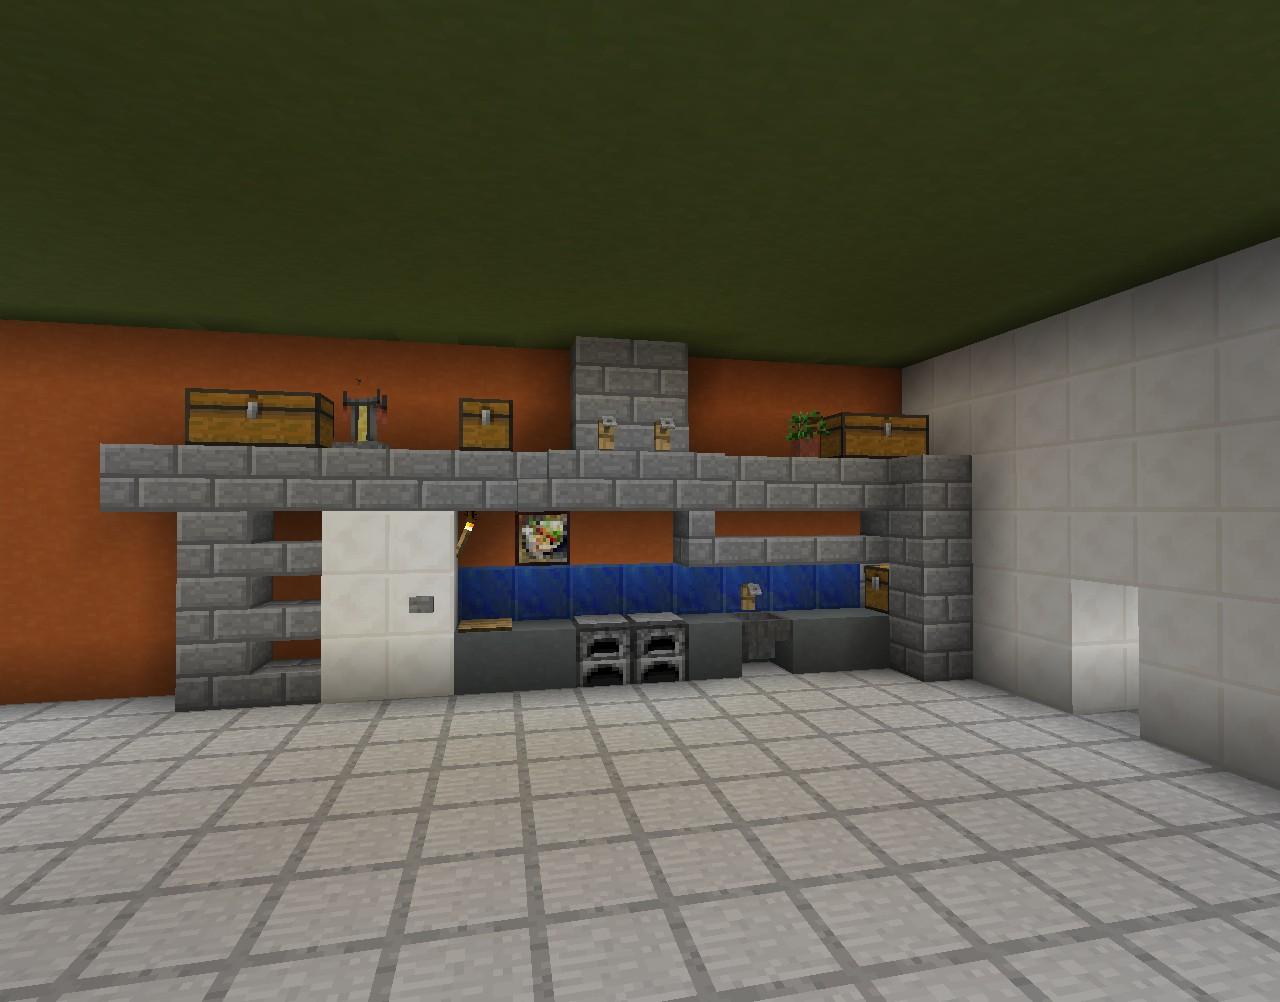 Full Size of Kchenzeile In Minecraft Bauen Bauideende Küche Planen Kostenlos Landhausküche Beistelltisch Jalousieschrank Wasserhahn Für Abfalleimer Industriedesign Wohnzimmer Minecraft Küche